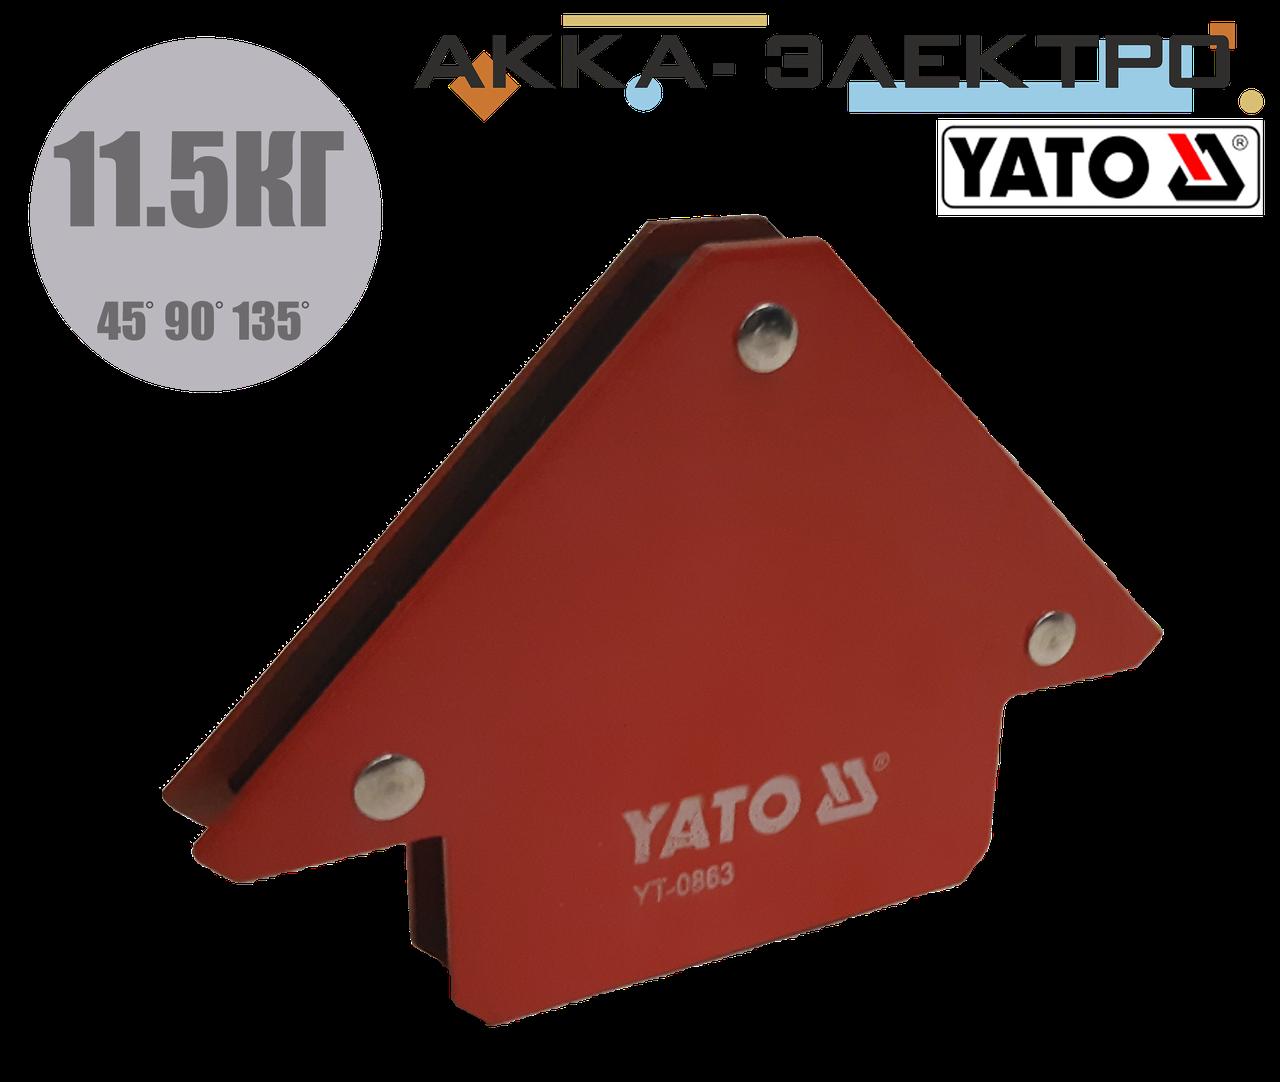 Магнітний тримач для зварювання (11.5 кг) YATO - 0863